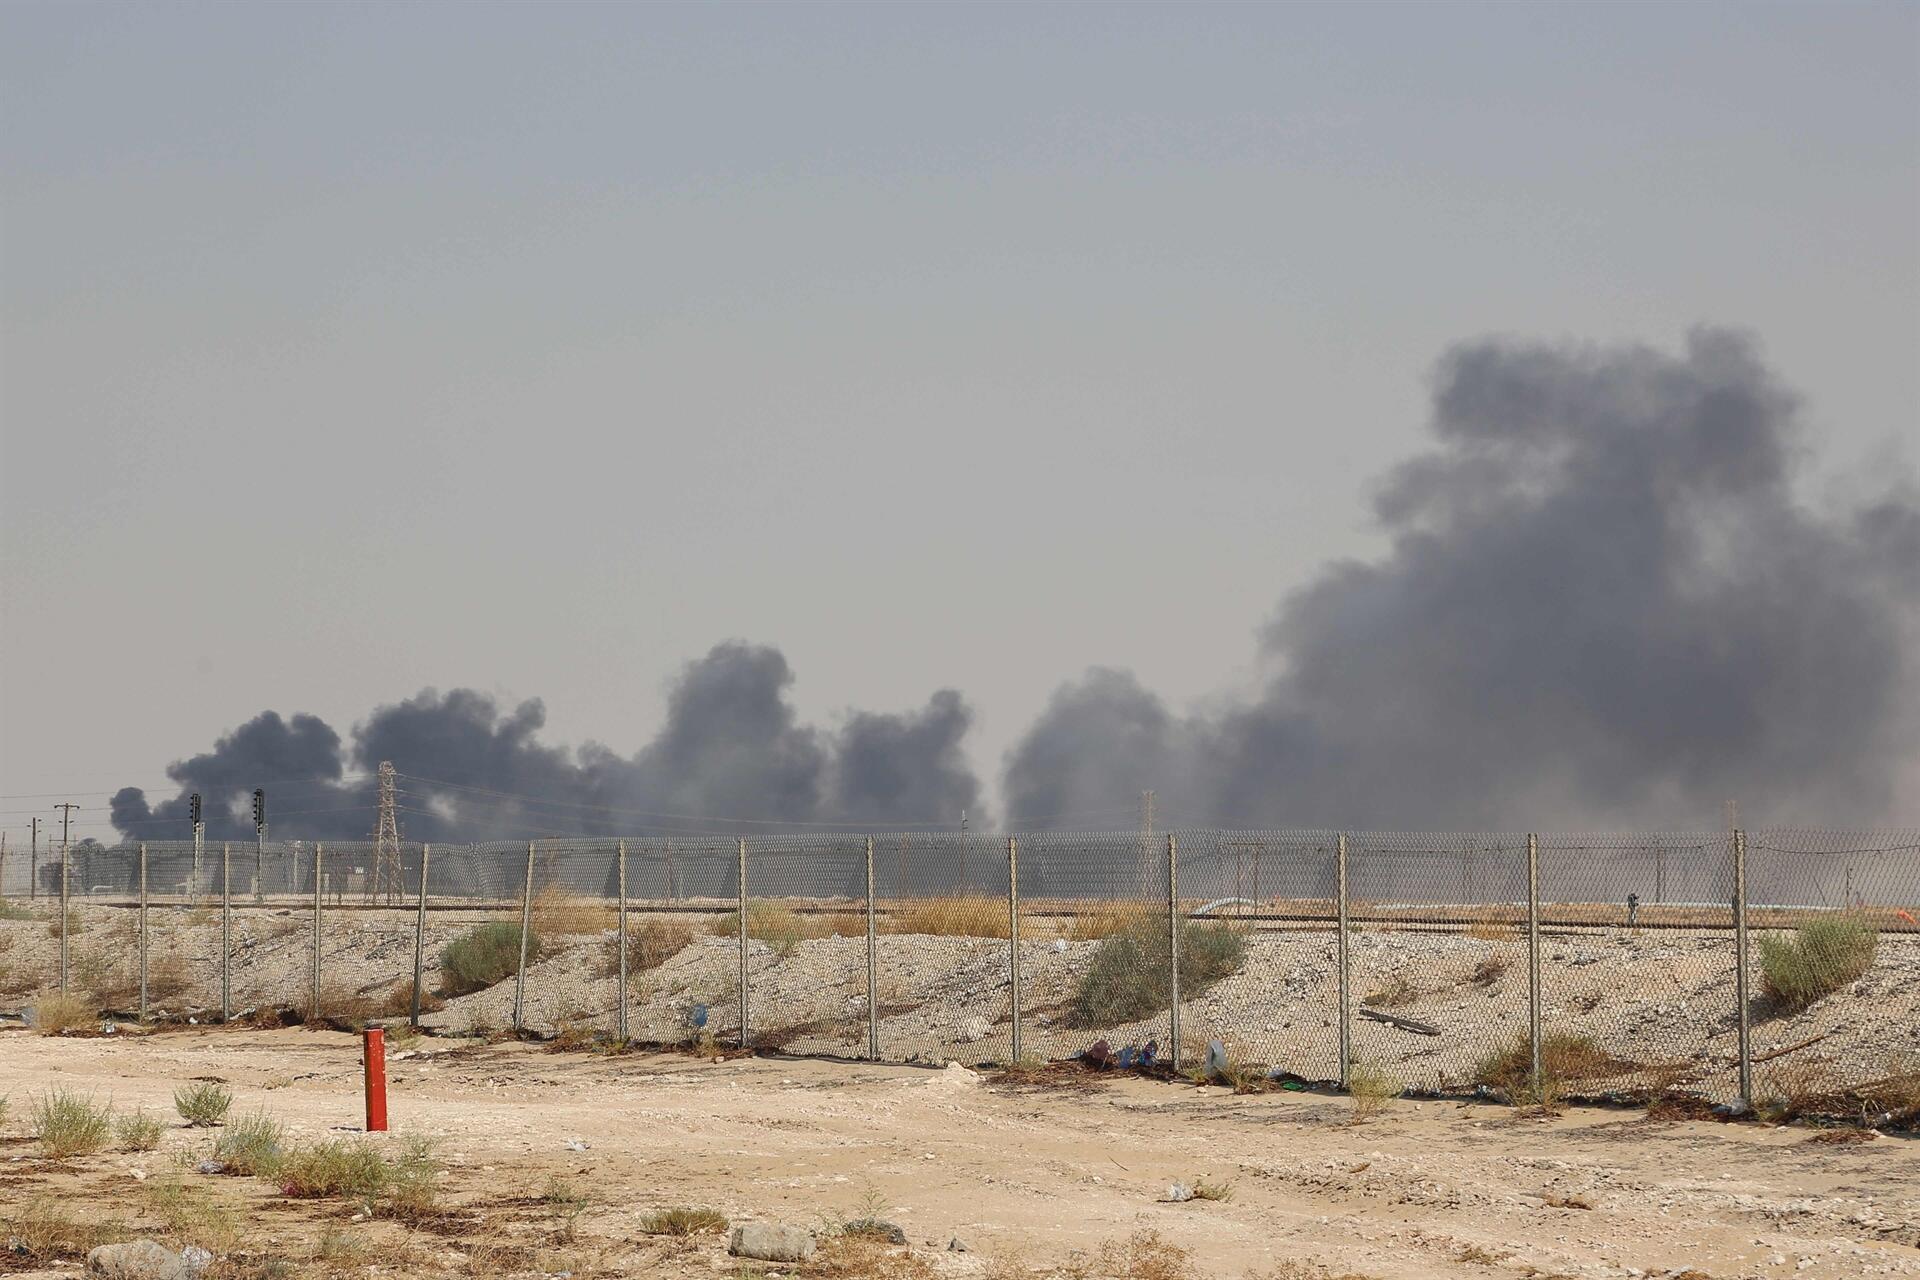 İran'dan flaş Suudi Arabistan açıklaması: Saldırı bir ikaz